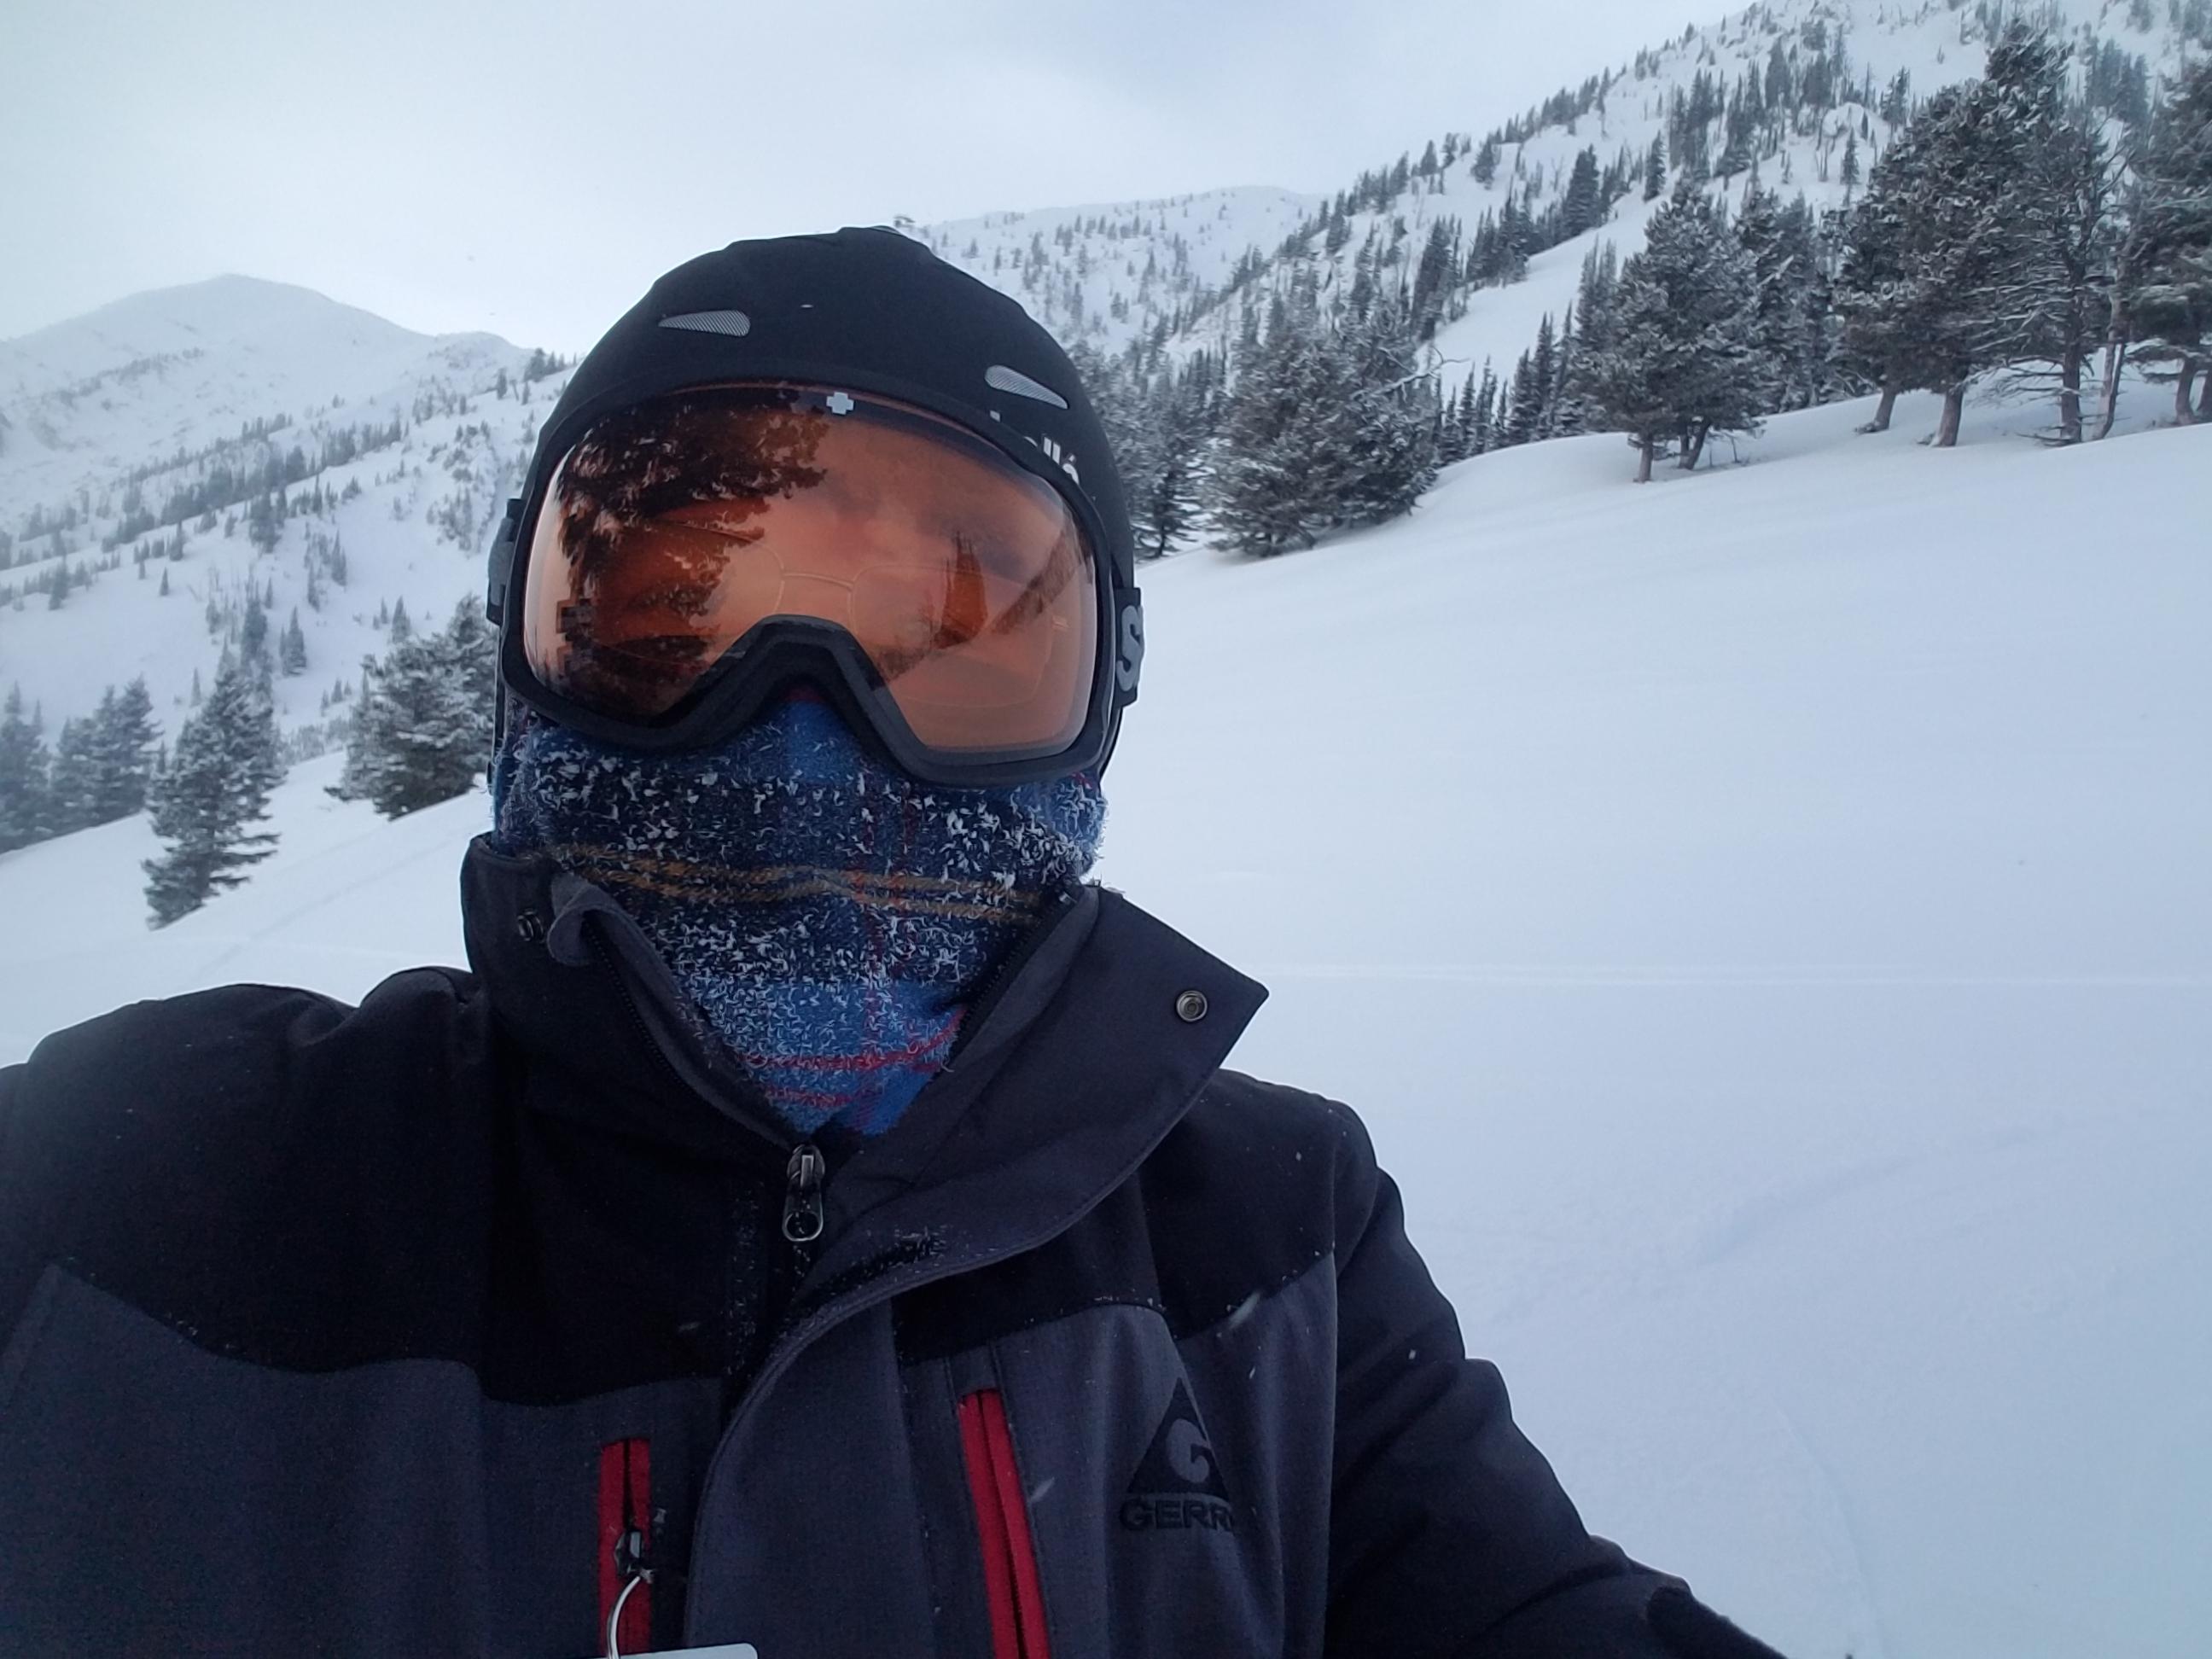 A nippy day of skiing at Bridger Bowl!